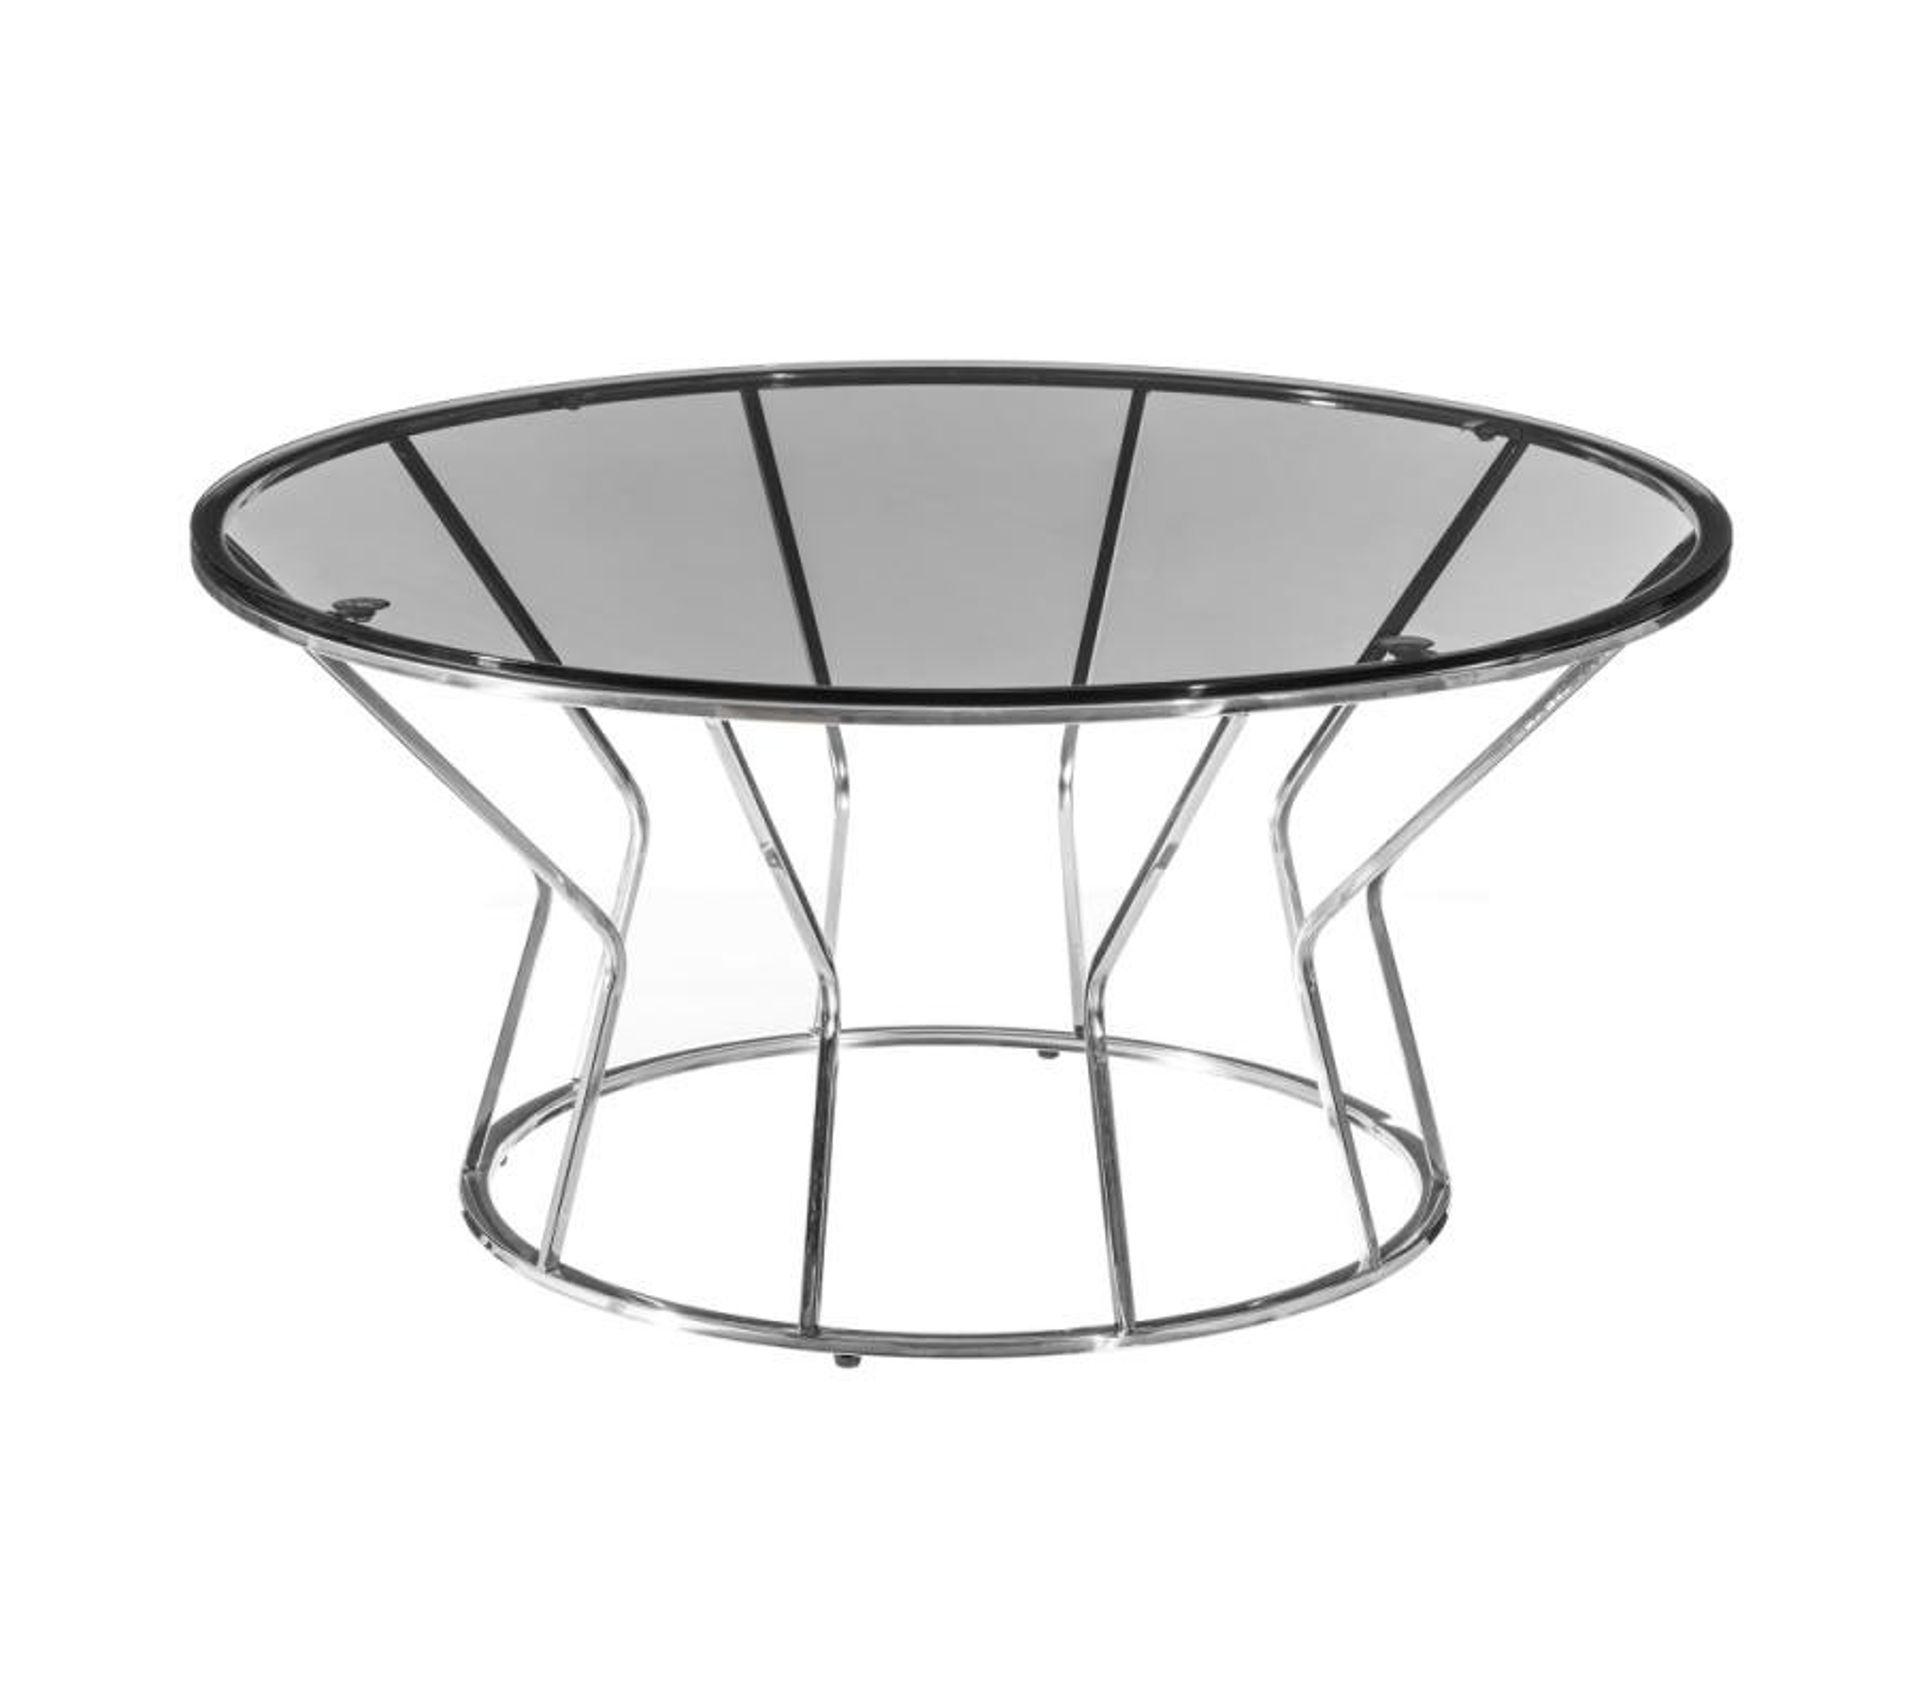 Table Basse Ronde Metal Verre Kunja Table Basse But